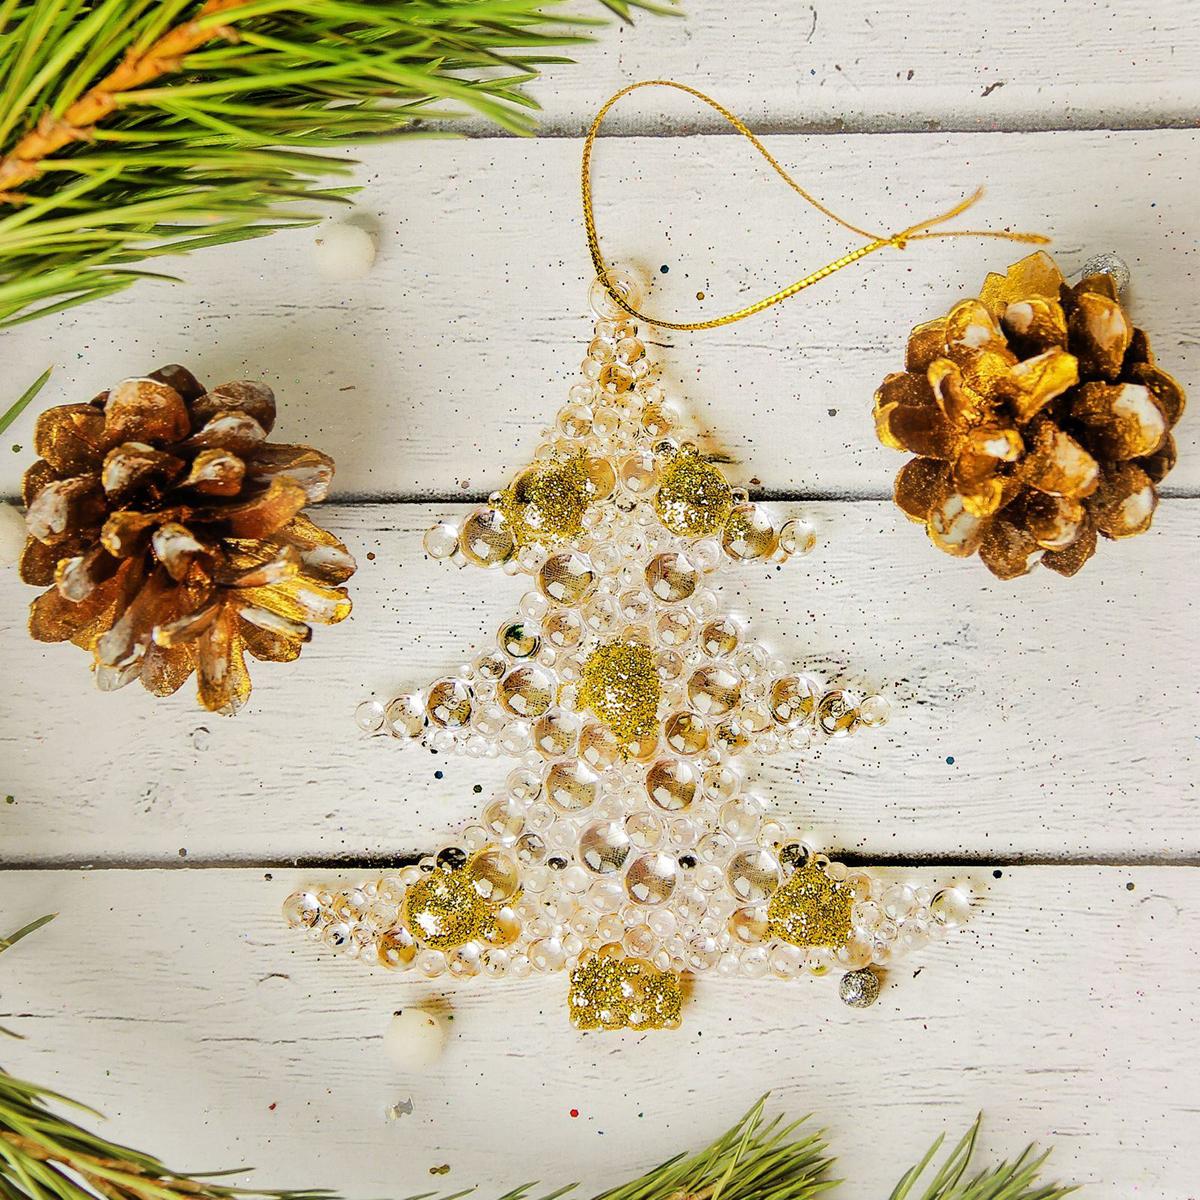 Набор новогодних подвесных украшений Sima-land Елка. Пузыри, 9 х 9,5 см, 2 шт2372161Набор новогодних подвесных украшений Sima-land отлично подойдет для декорации вашего дома и новогодней ели. Новогодние украшения можно повесить в любом понравившемся вам месте. Но, конечно, удачнее всего они будет смотреться на праздничной елке.Елочная игрушка - символ Нового года. Она несет в себе волшебство и красоту праздника. Такое украшение создаст в вашем доме атмосферу праздника, веселья и радости.